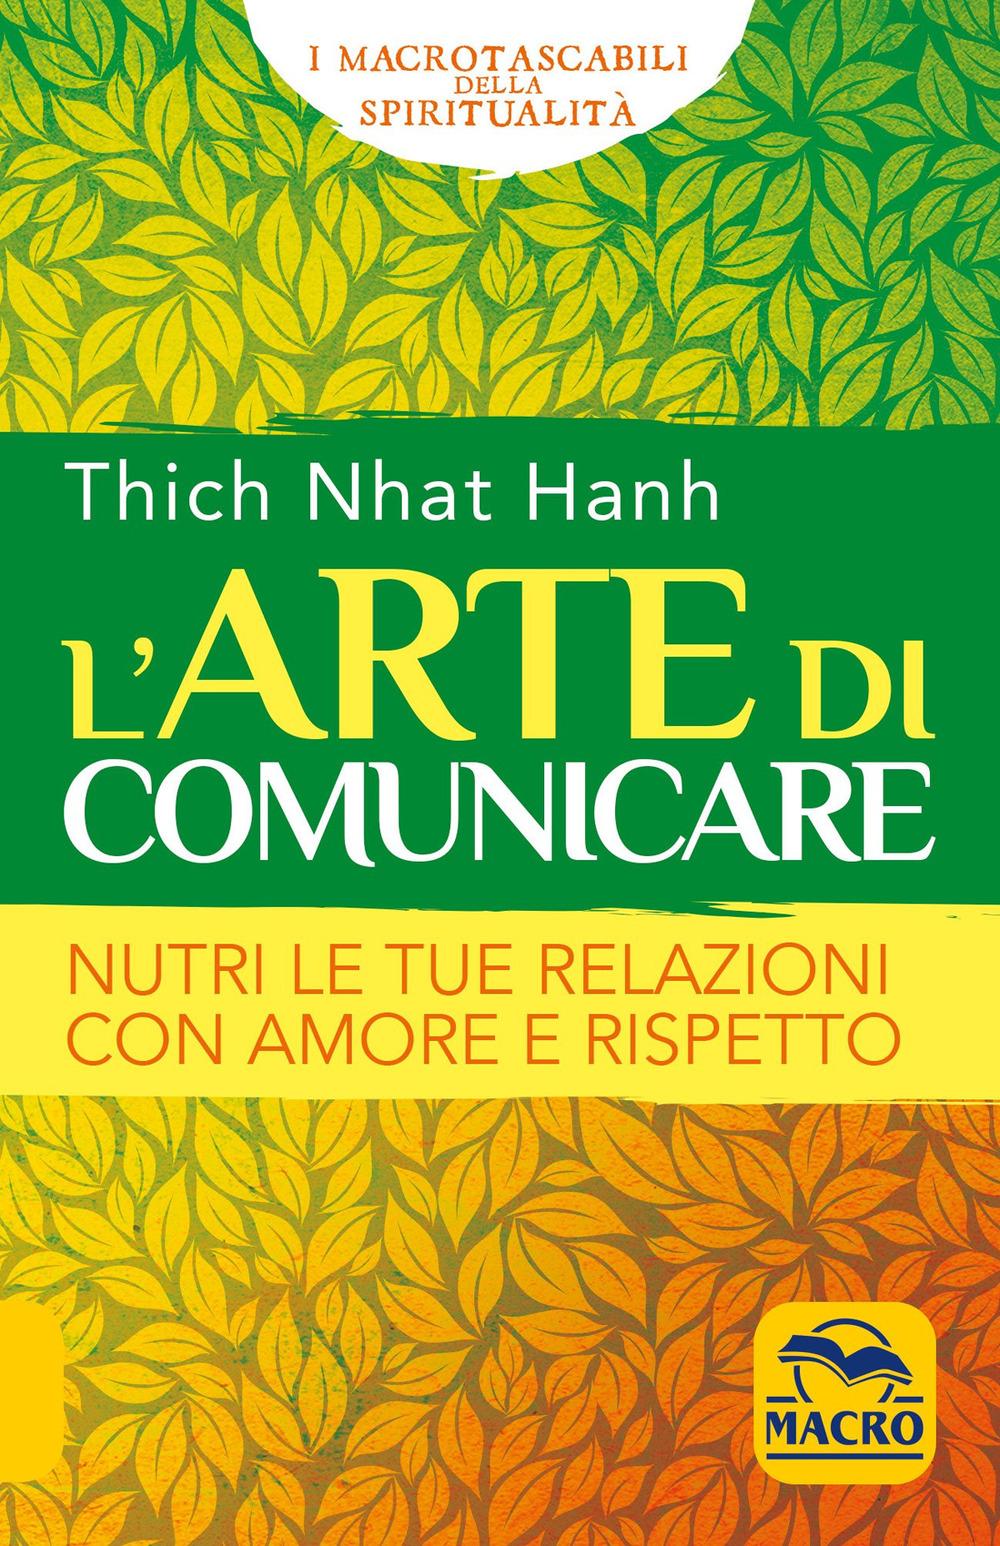 L'arte di comunicare. Nutri le tue relazioni con amore e rispetto